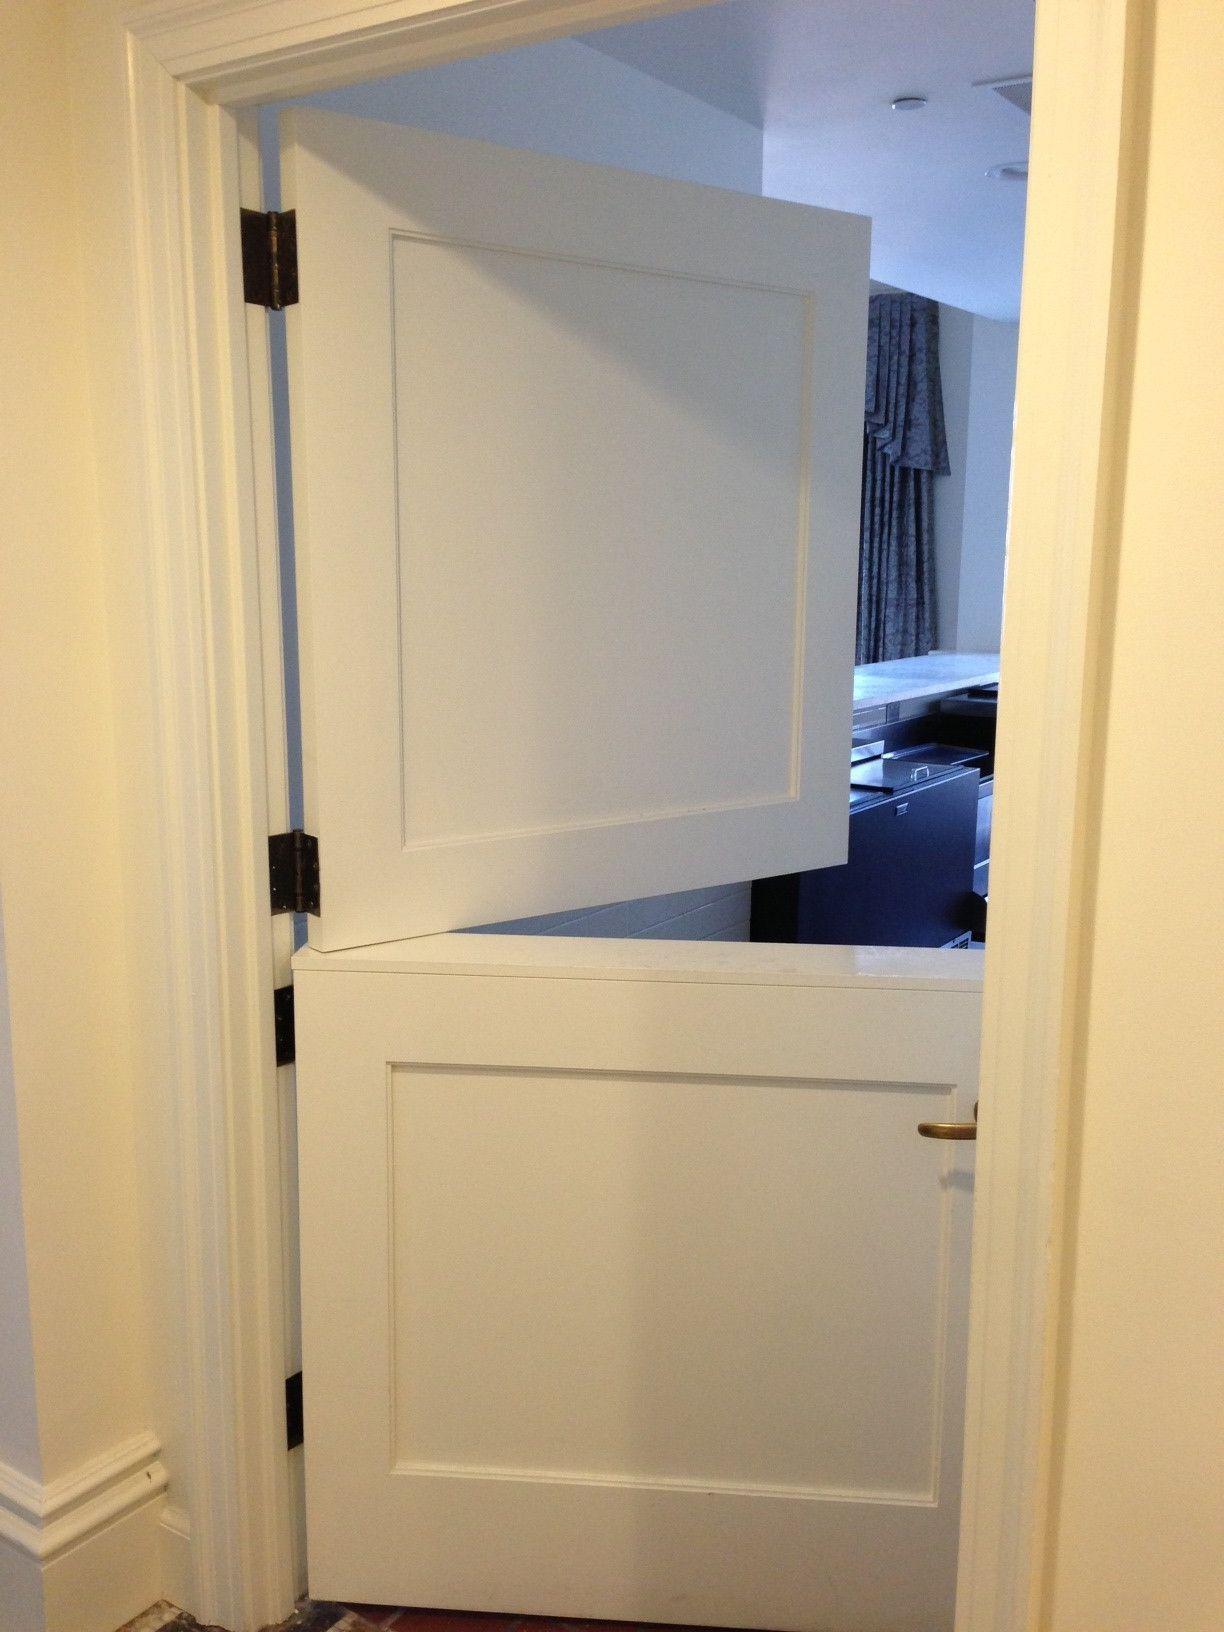 white stable doors doors interior laundry room Internal Split Doors id=29783